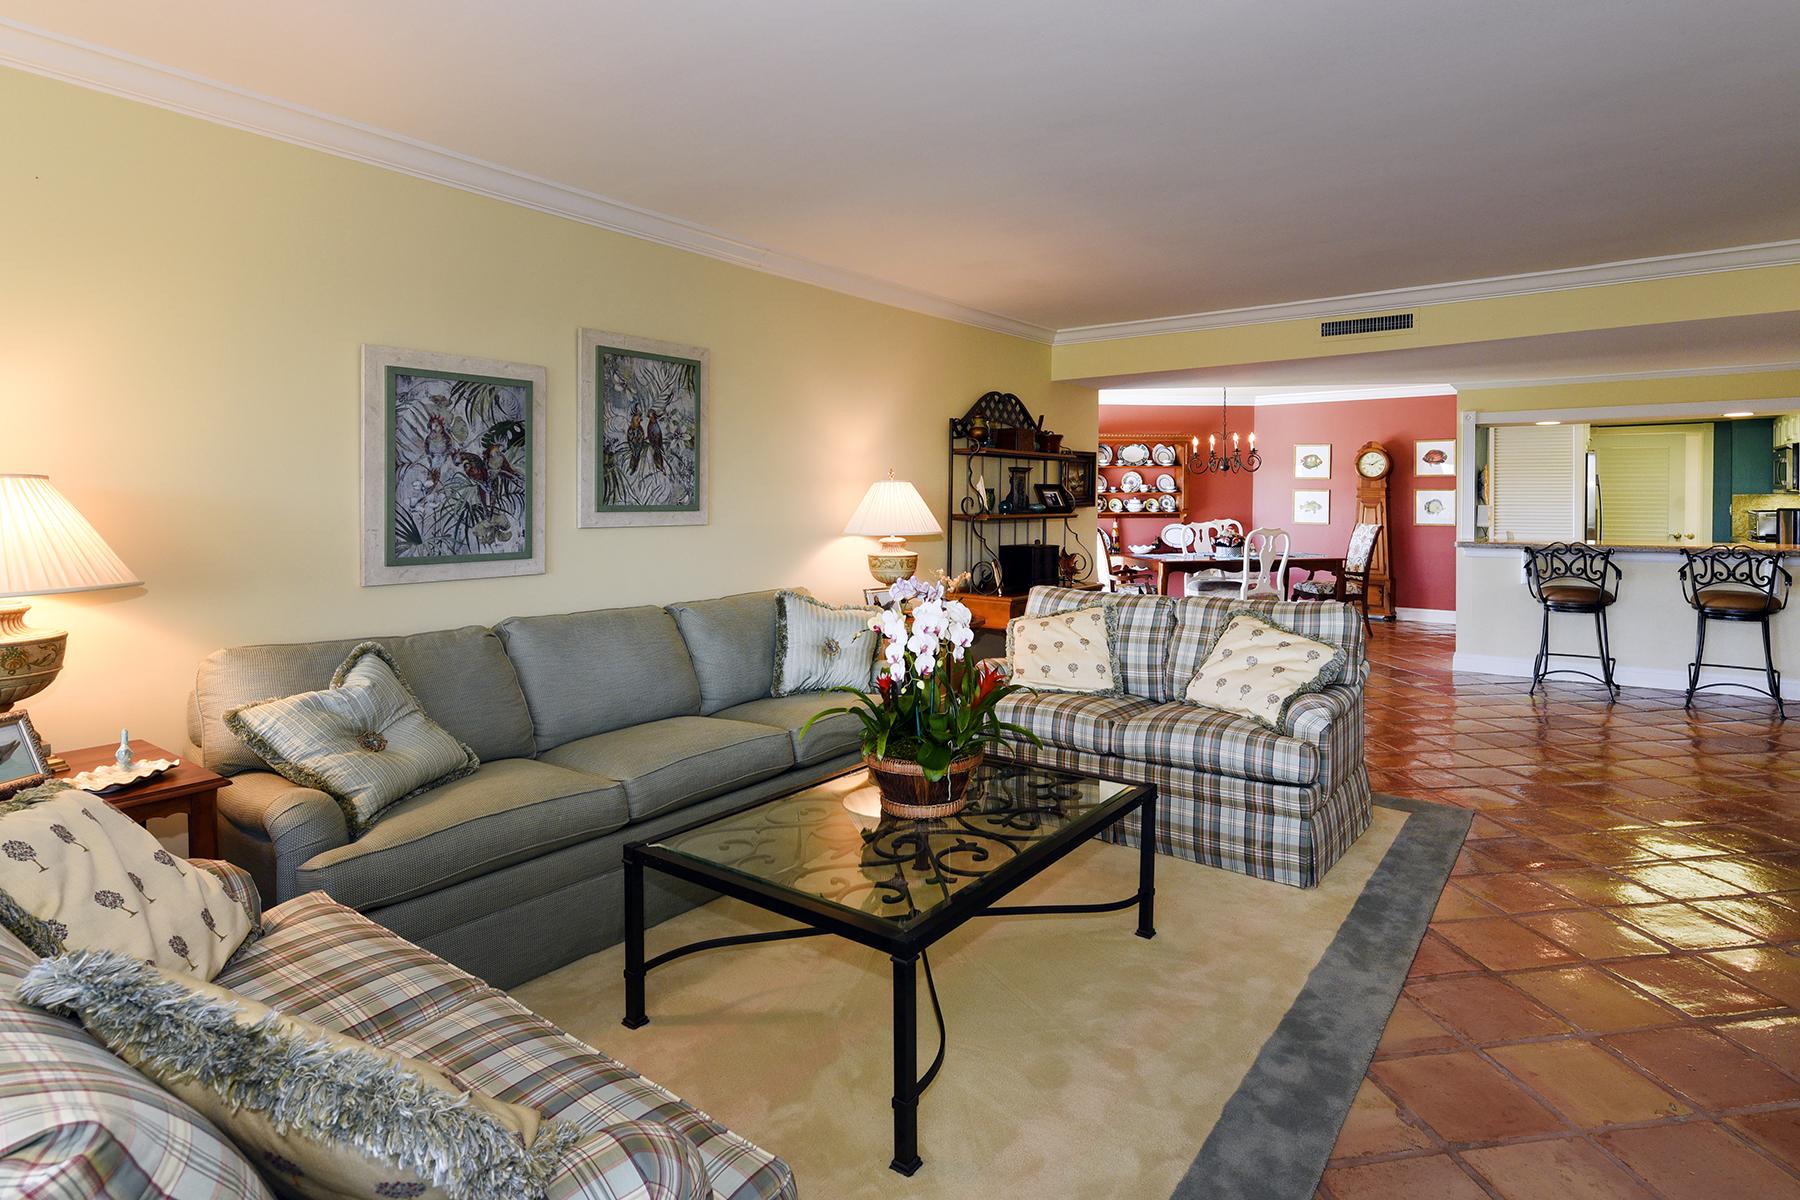 Condominium for Sale at Harbour House Condominium at Ocean Reef 32 Barracuda Lane Key Largo, Florida 33037 United States